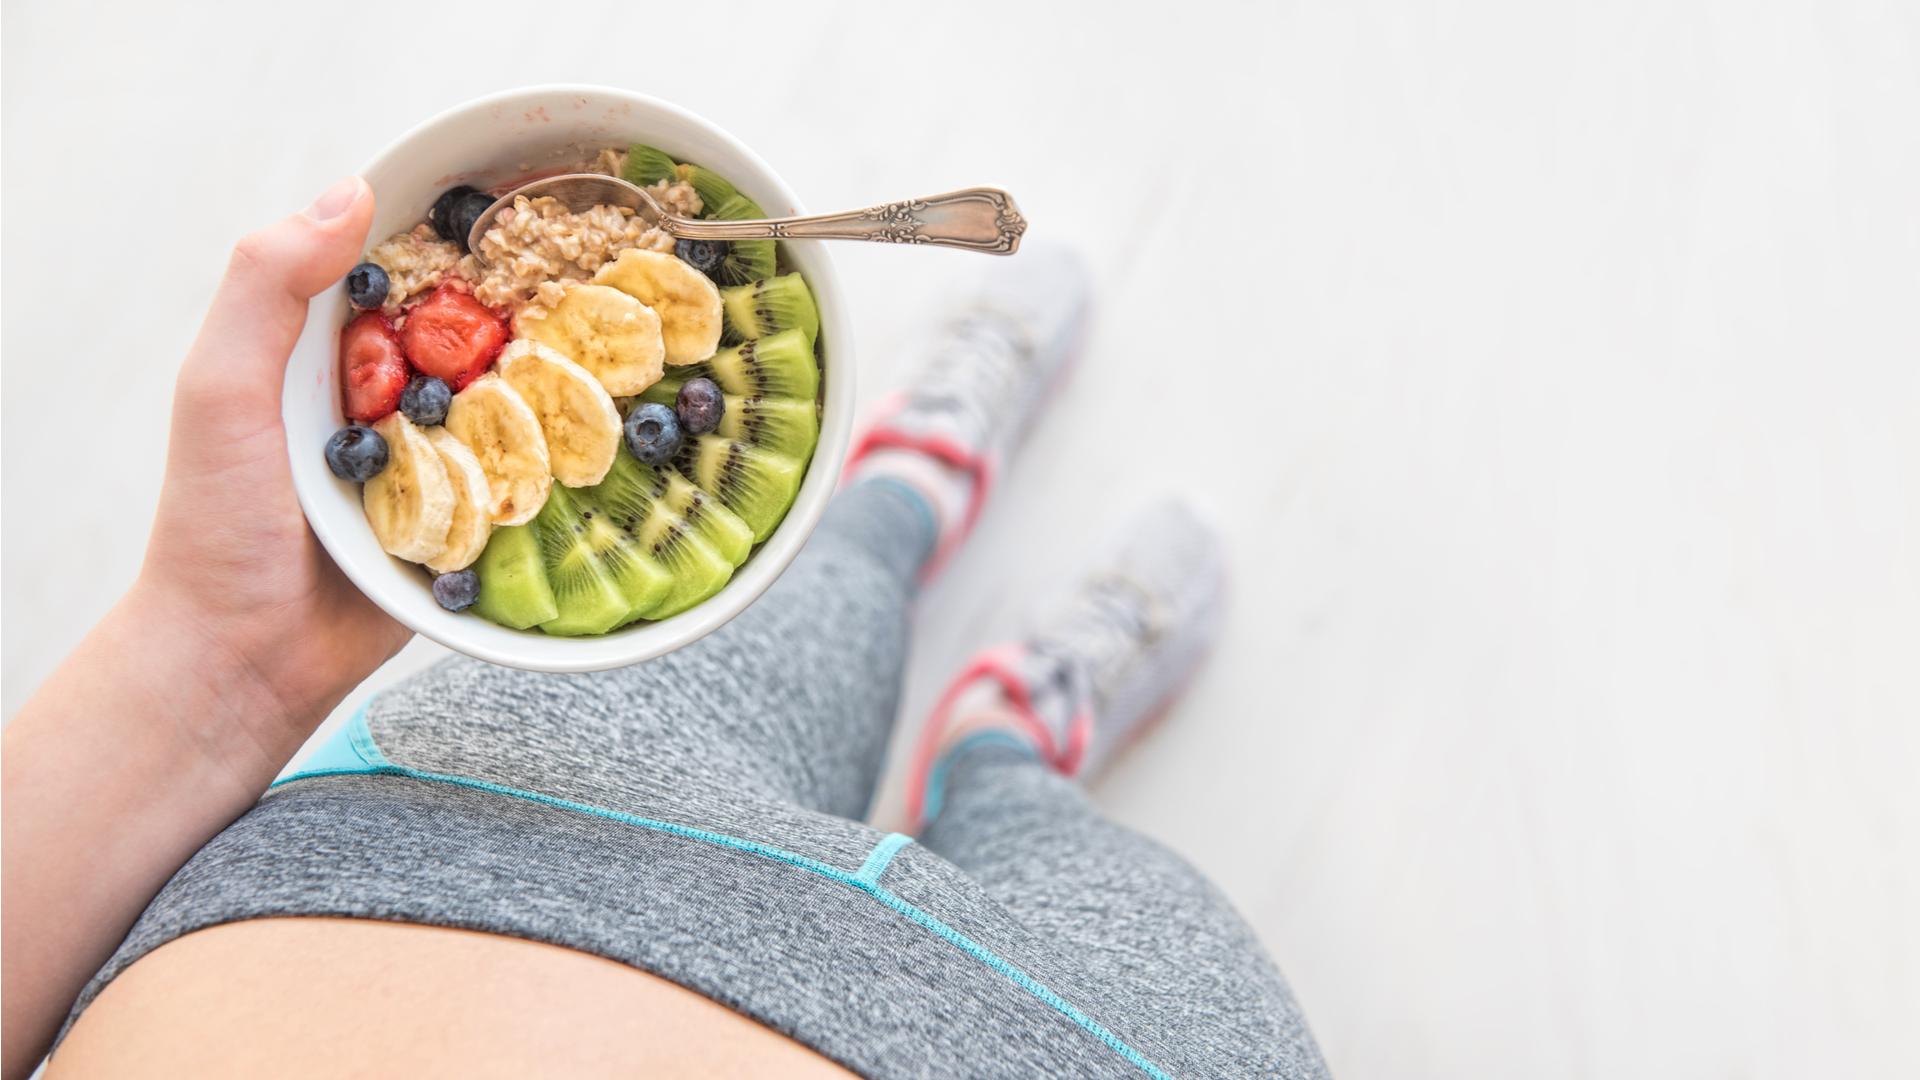 mujer con ropa deportiva comiendo avena con frutas